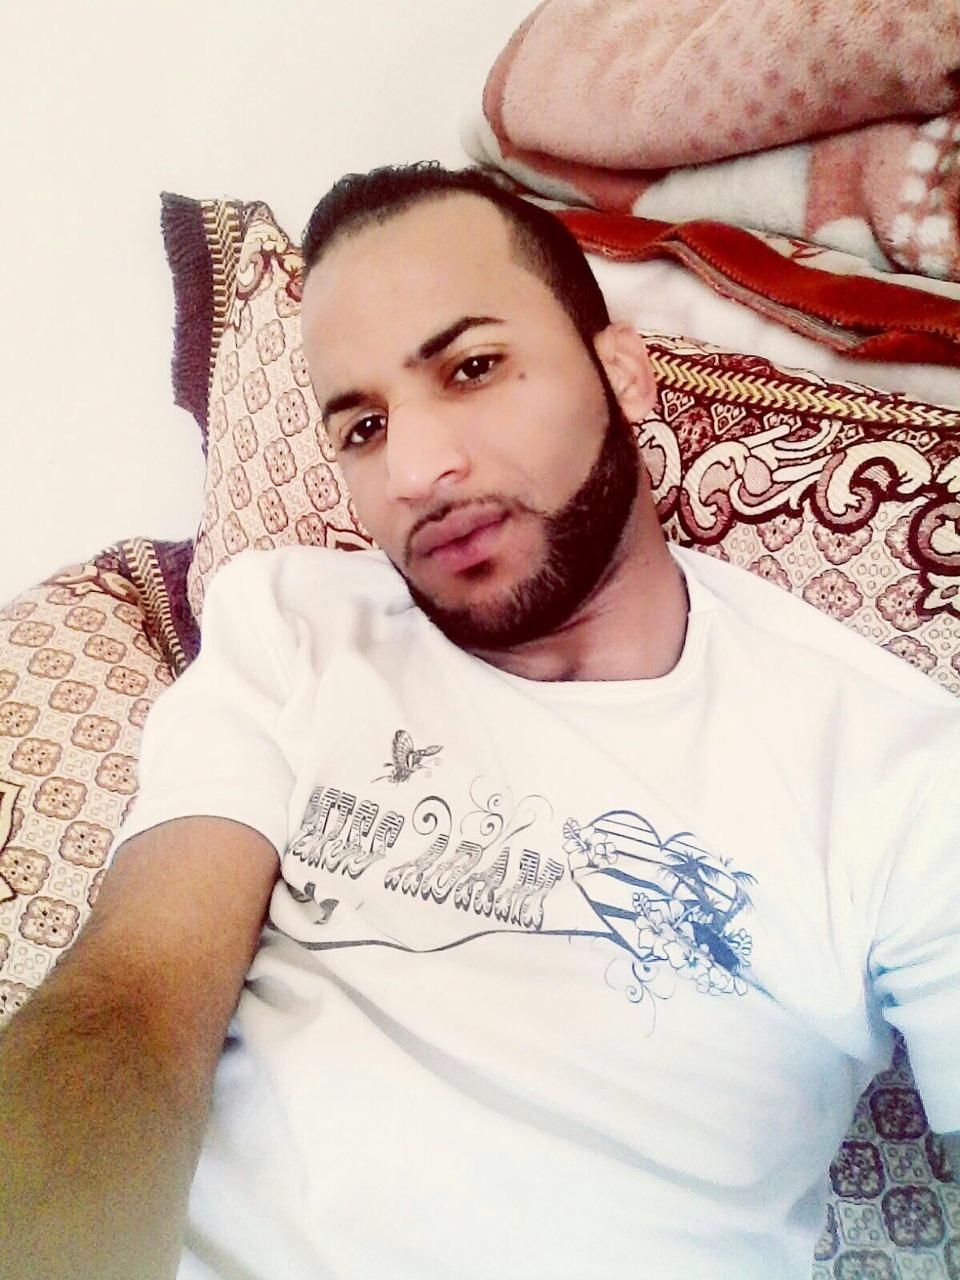 BG marocains nus 🇲🇦